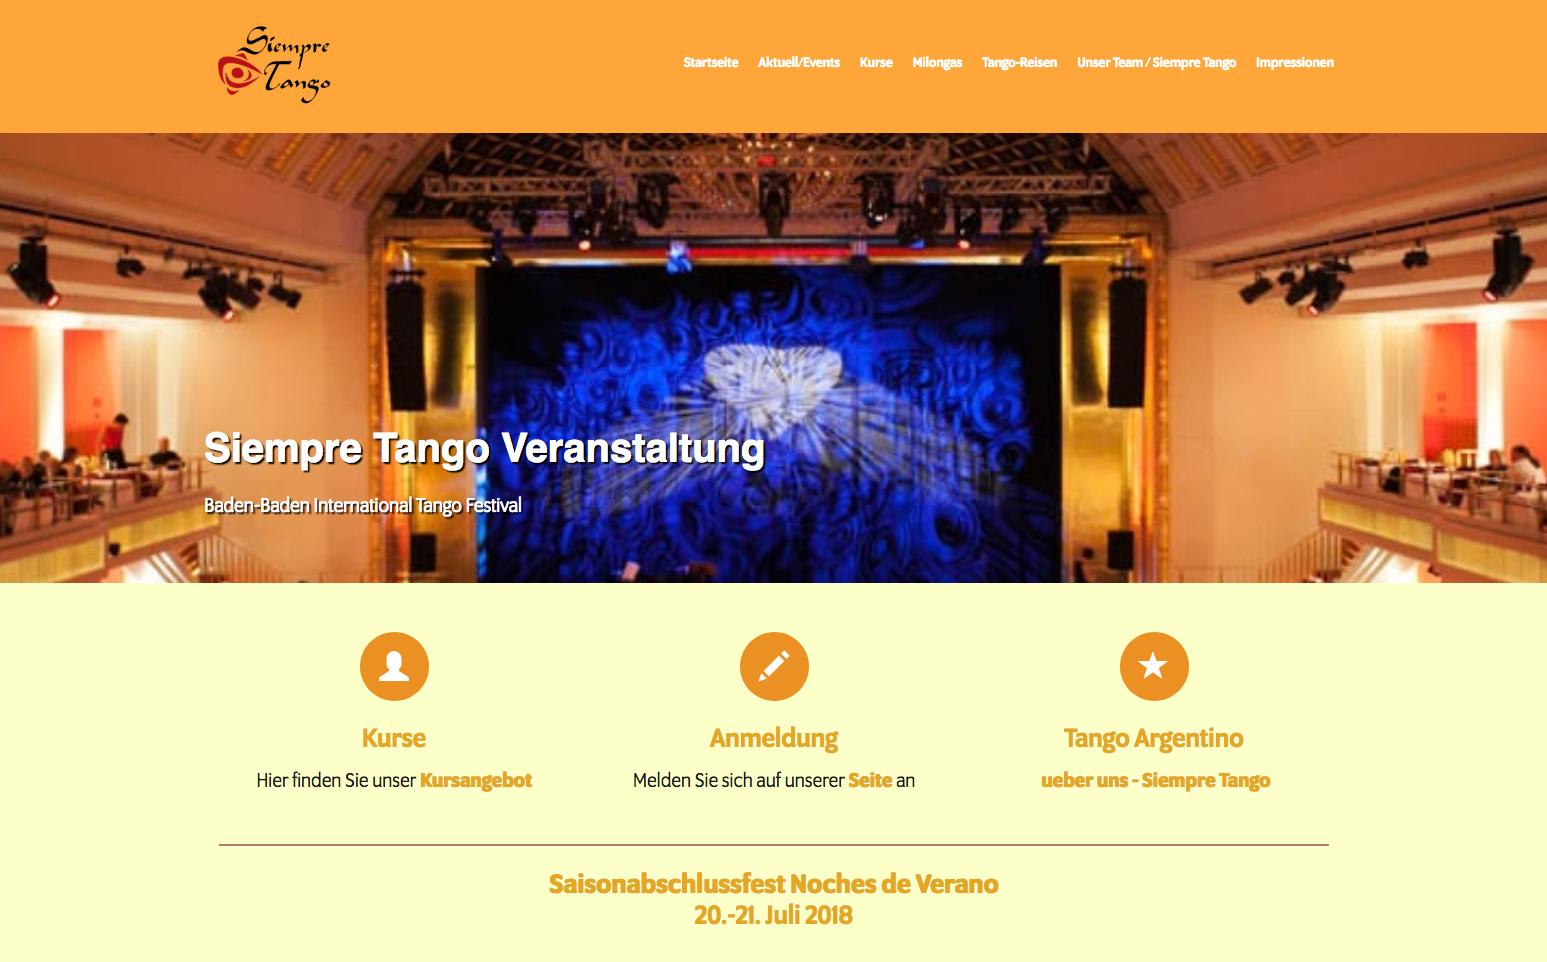 Siempre Tango (Karlsruhe)